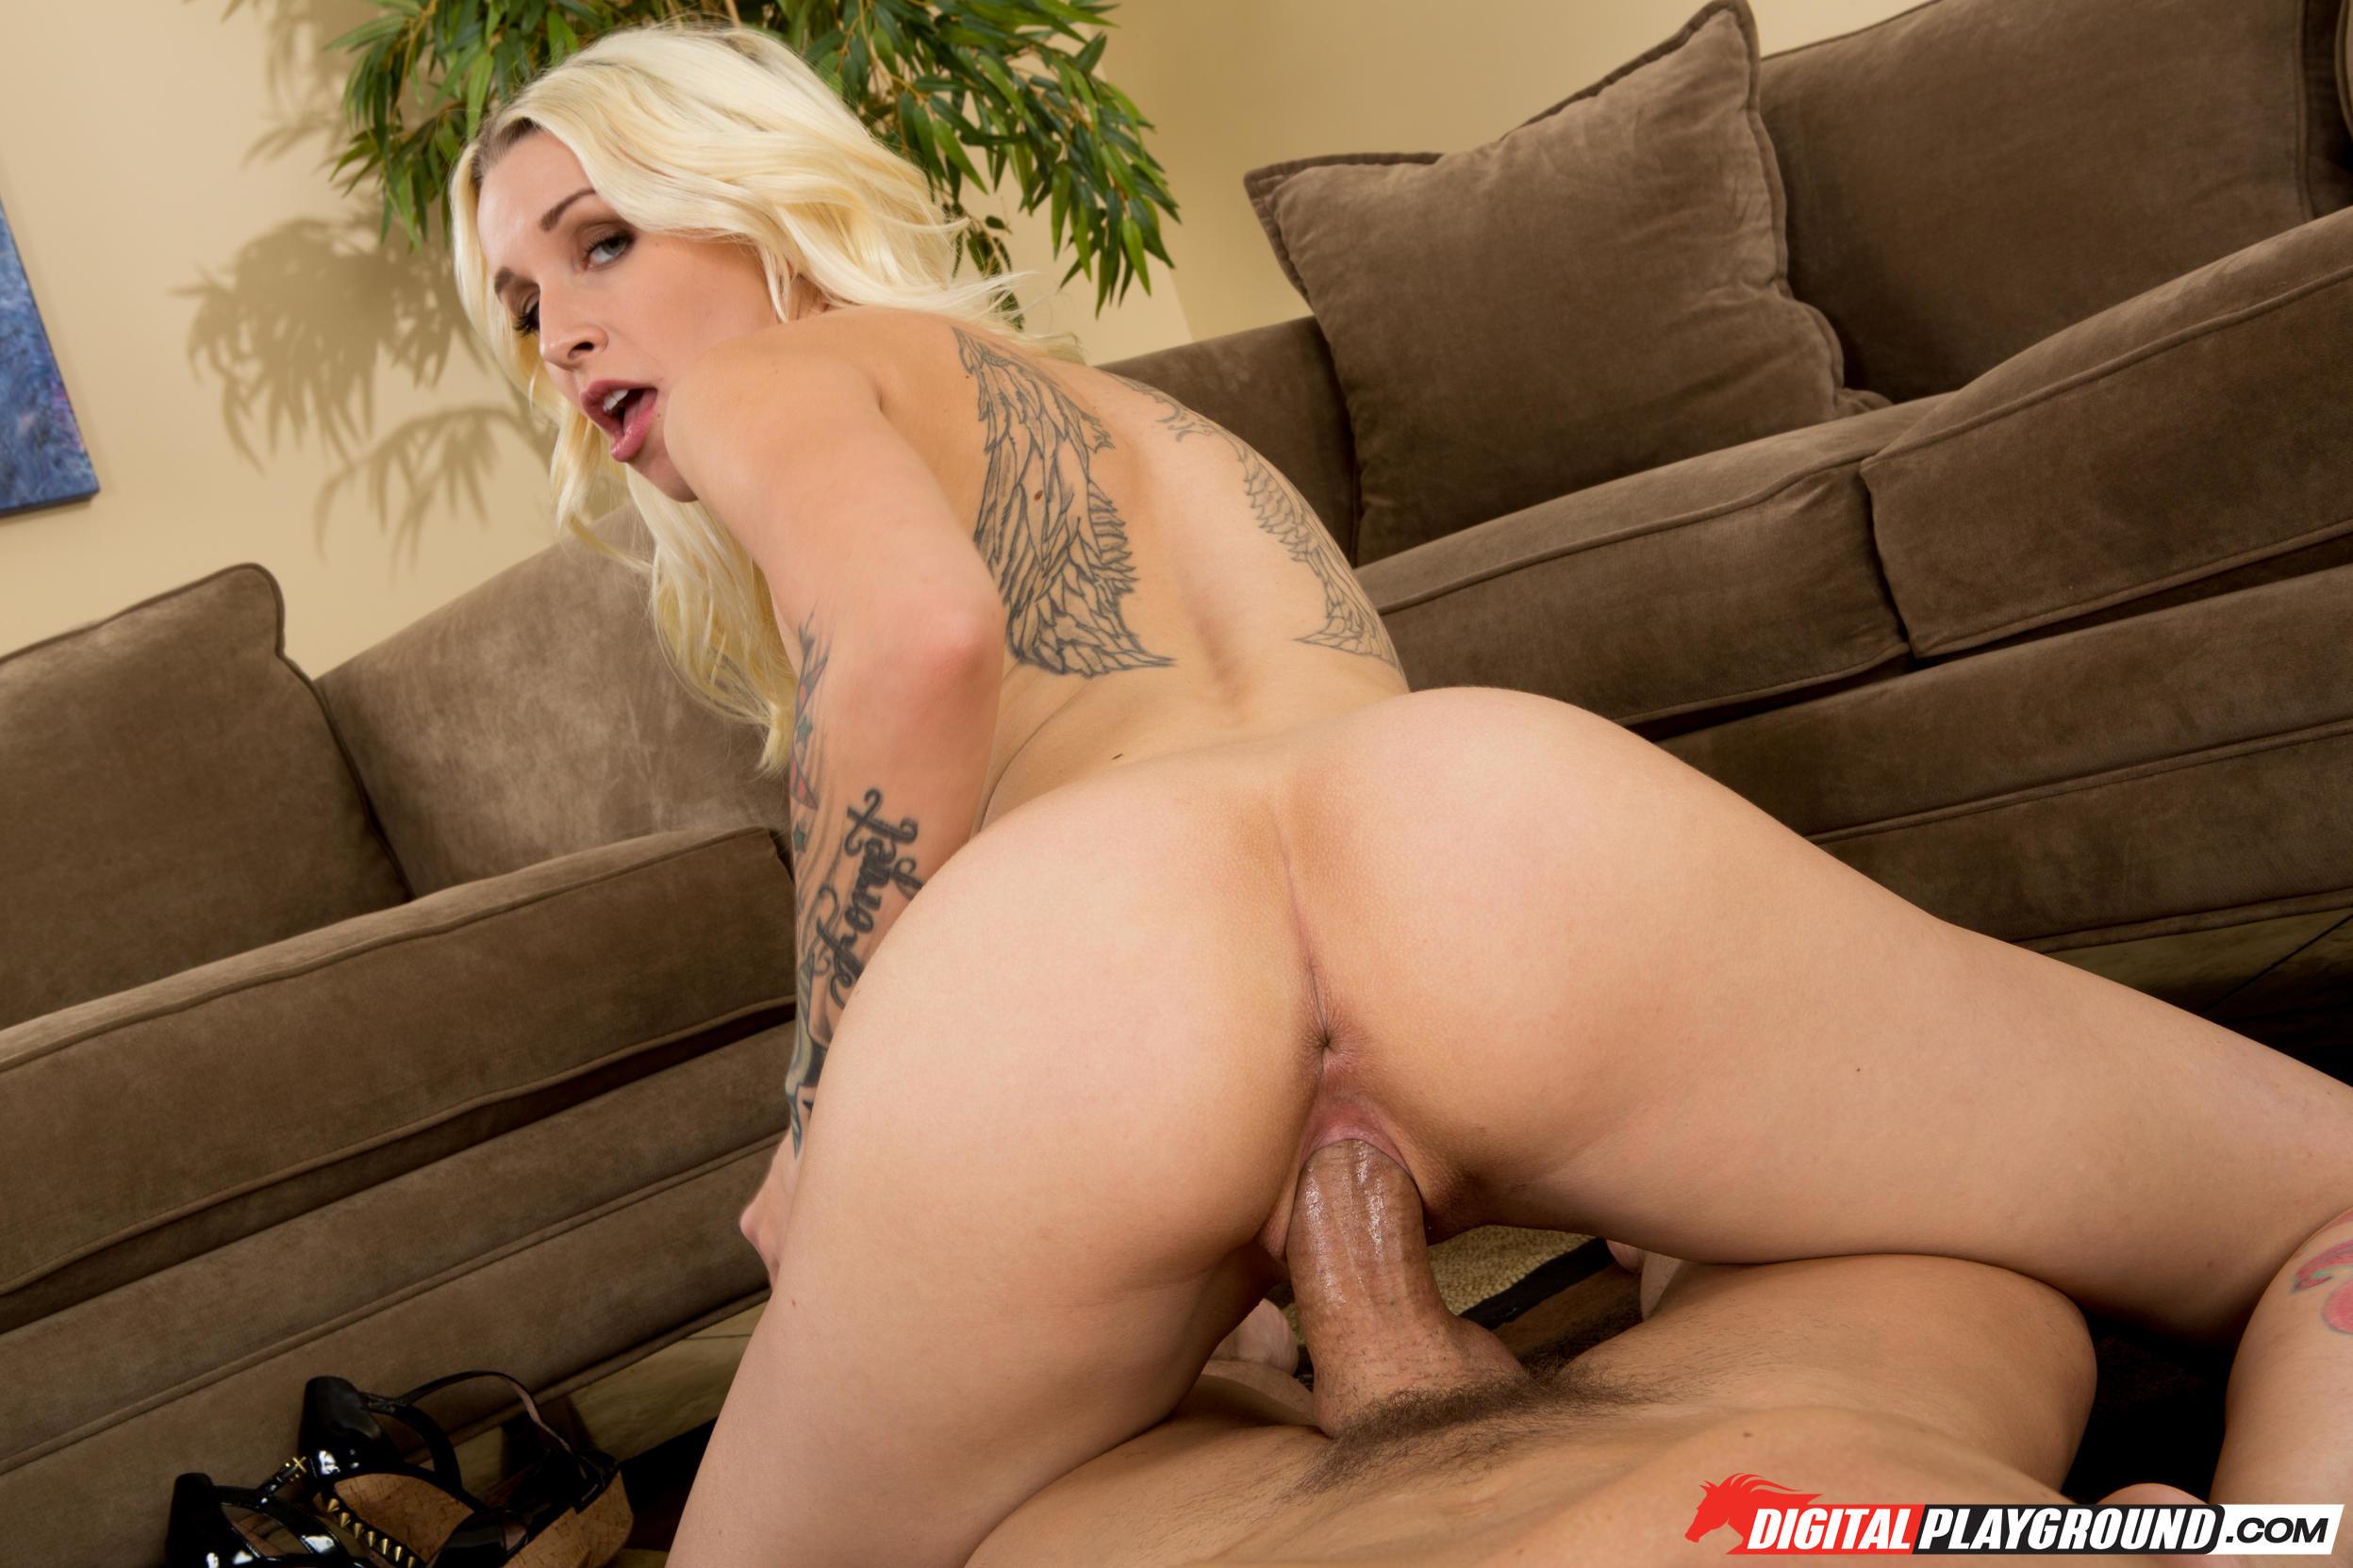 Стиви Шэй трахают на полу после того, как она медленно избавилась от одежды и помастурбировала